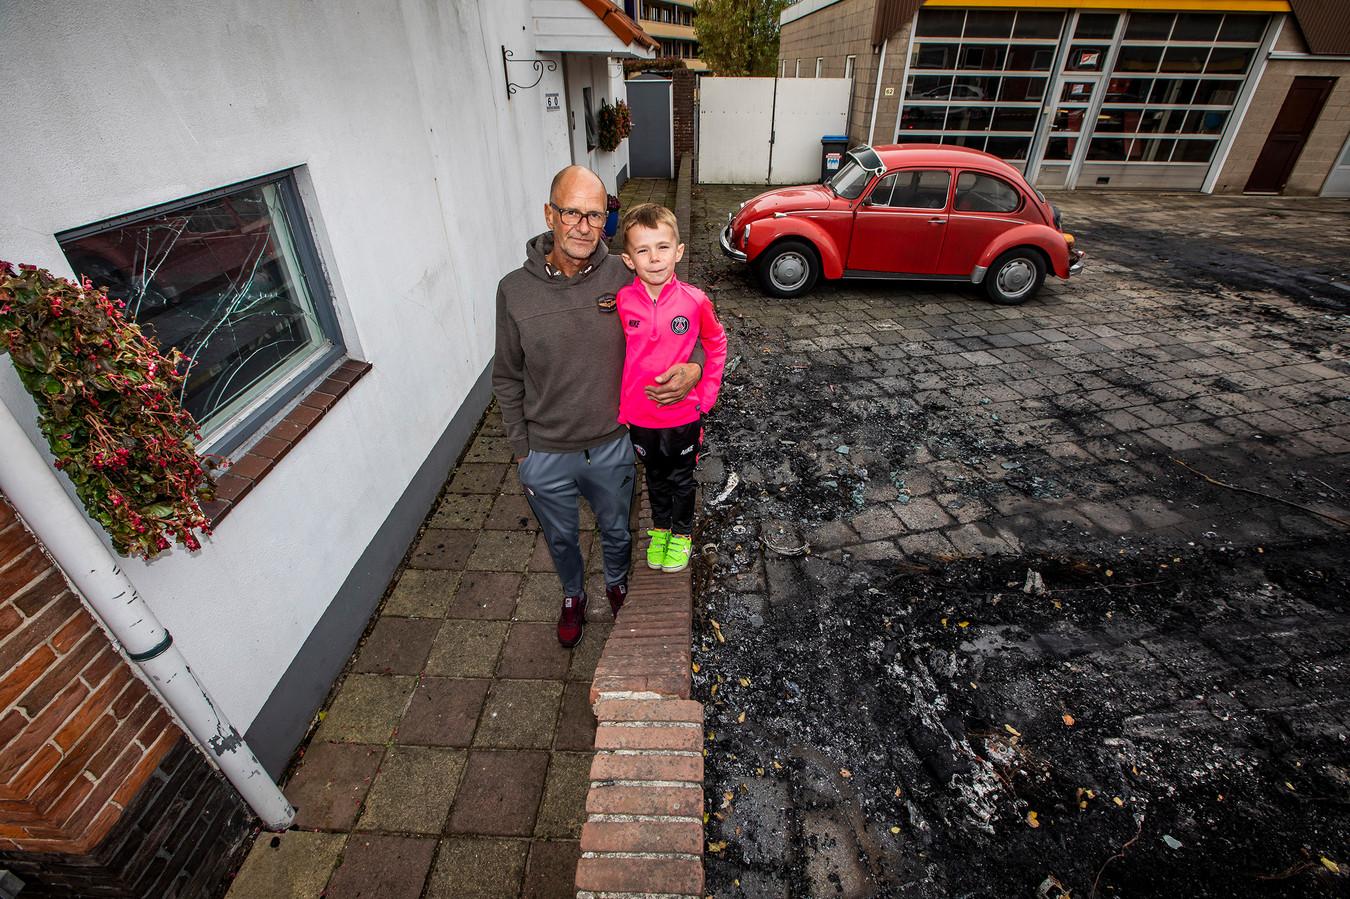 Ed Simis is niet alleen zijn bestelbus en auto kwijt, maar heeft ook schade aan zijn woonhuis.